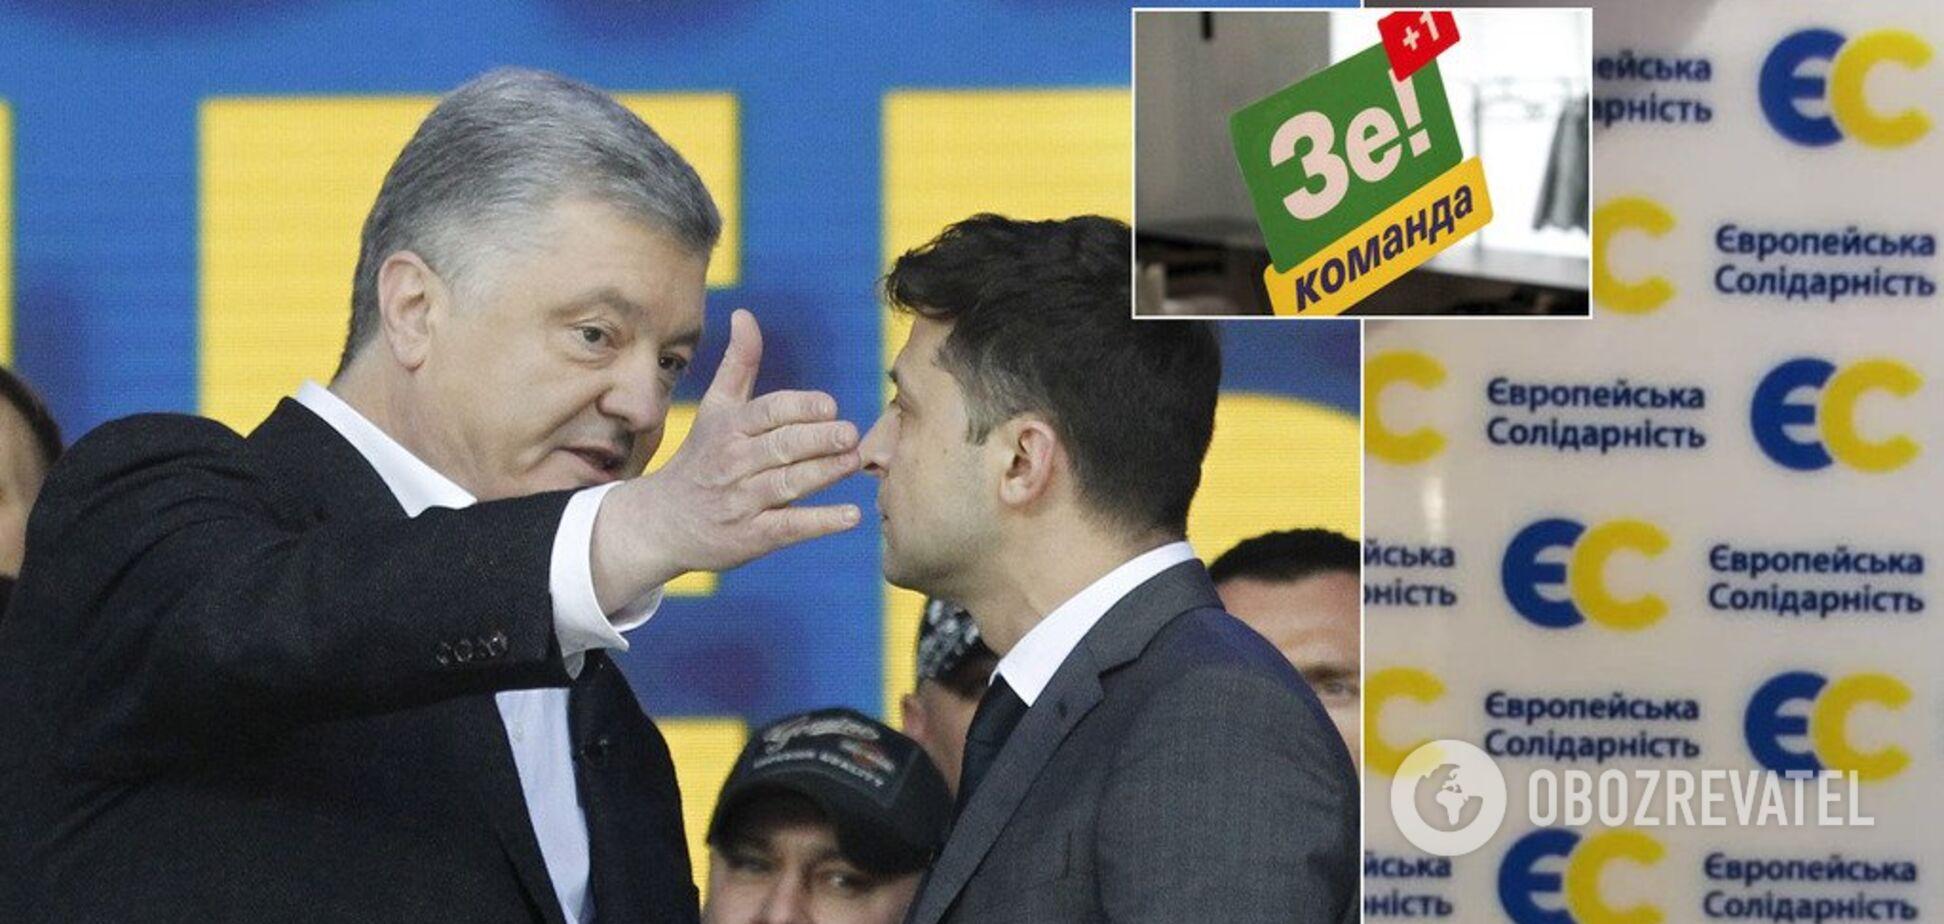 Каждый шаг Зеленского приведет к разочарованиям — политтехнолог Порошенко